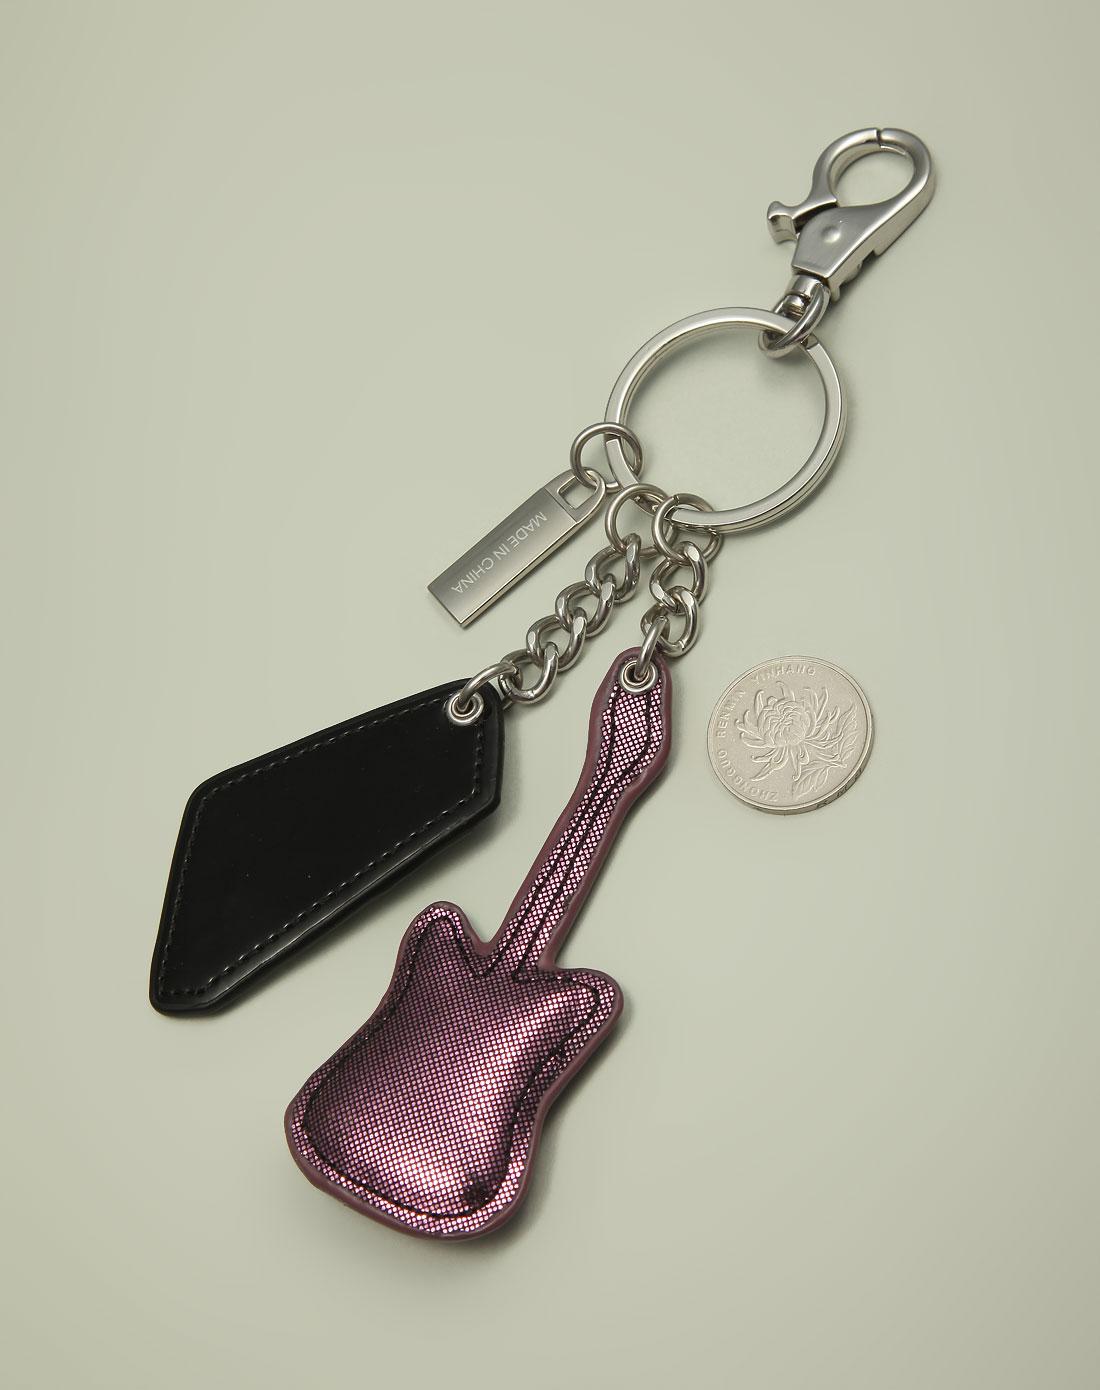 braccialini 中性紫色吉他型可爱钥匙扣